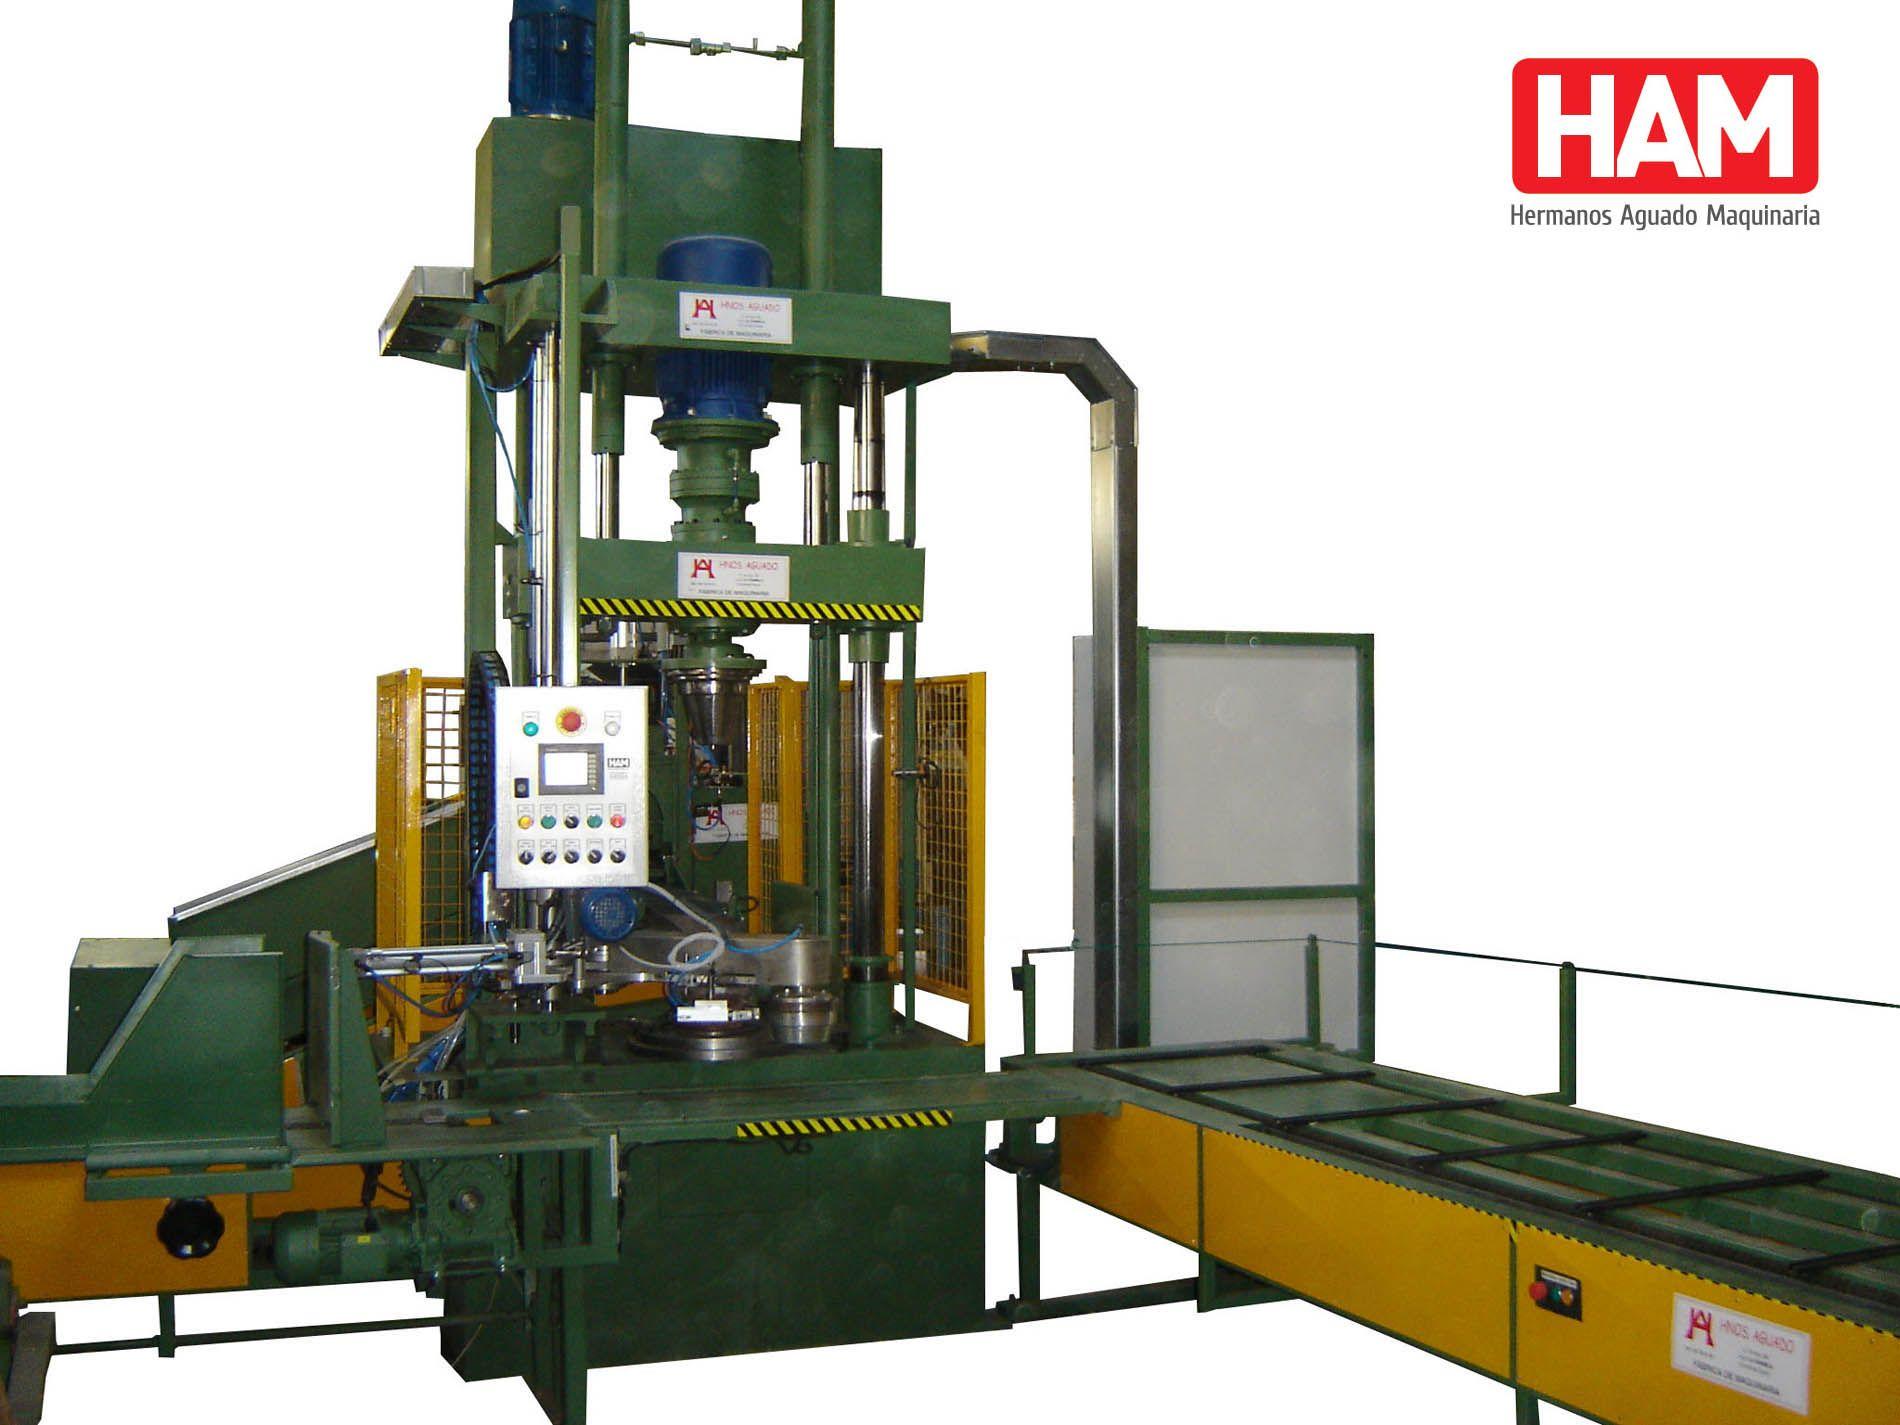 Maquinaria Hermanos Aguado – Máquinas para la Industria.